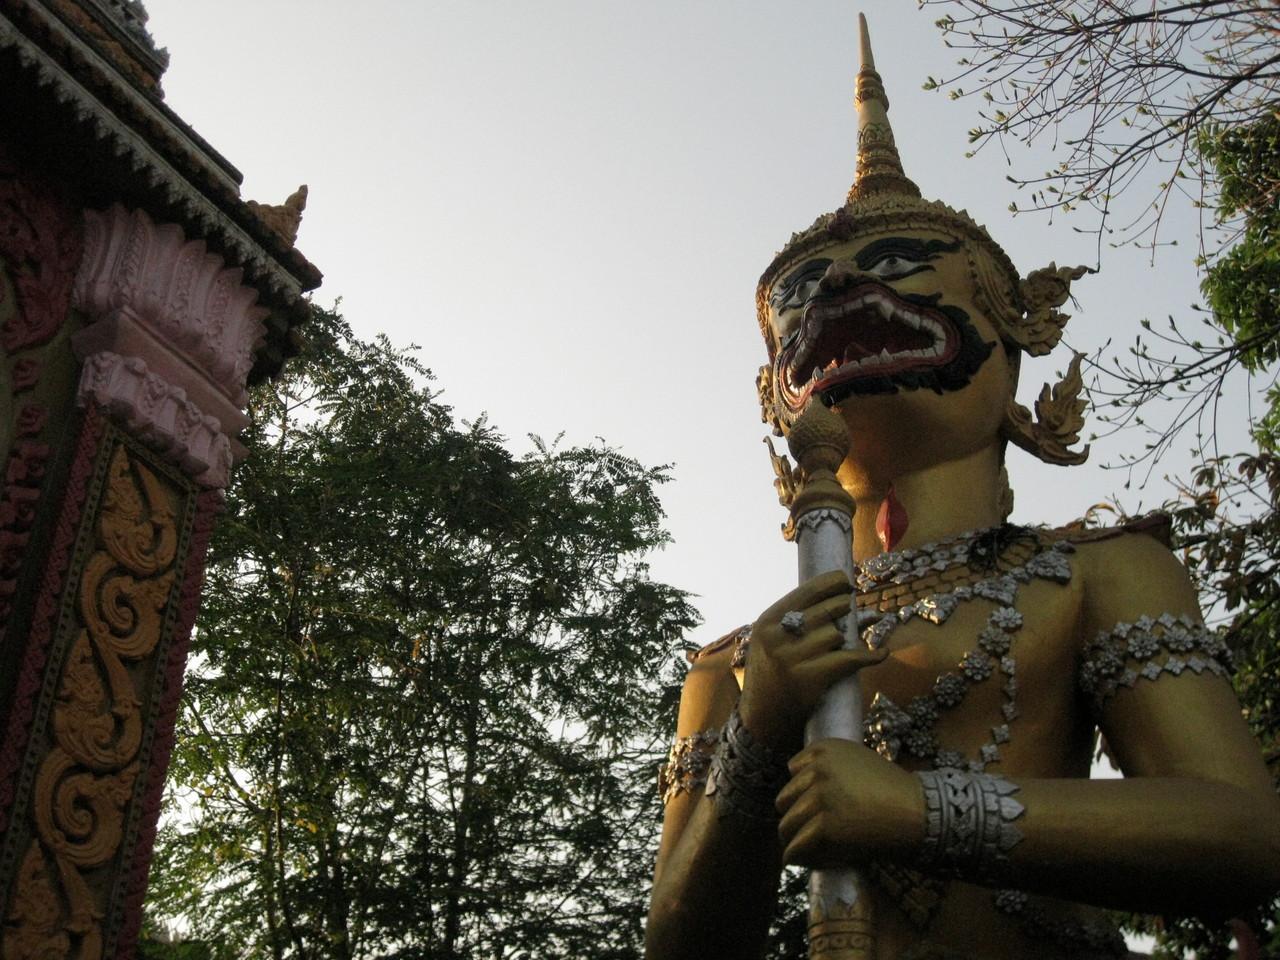 正門から出たら(私は裏門から入った)、またこの髭のお方が。どうもこのお寺はこの髭のお方を祀ってある寺のようだ。